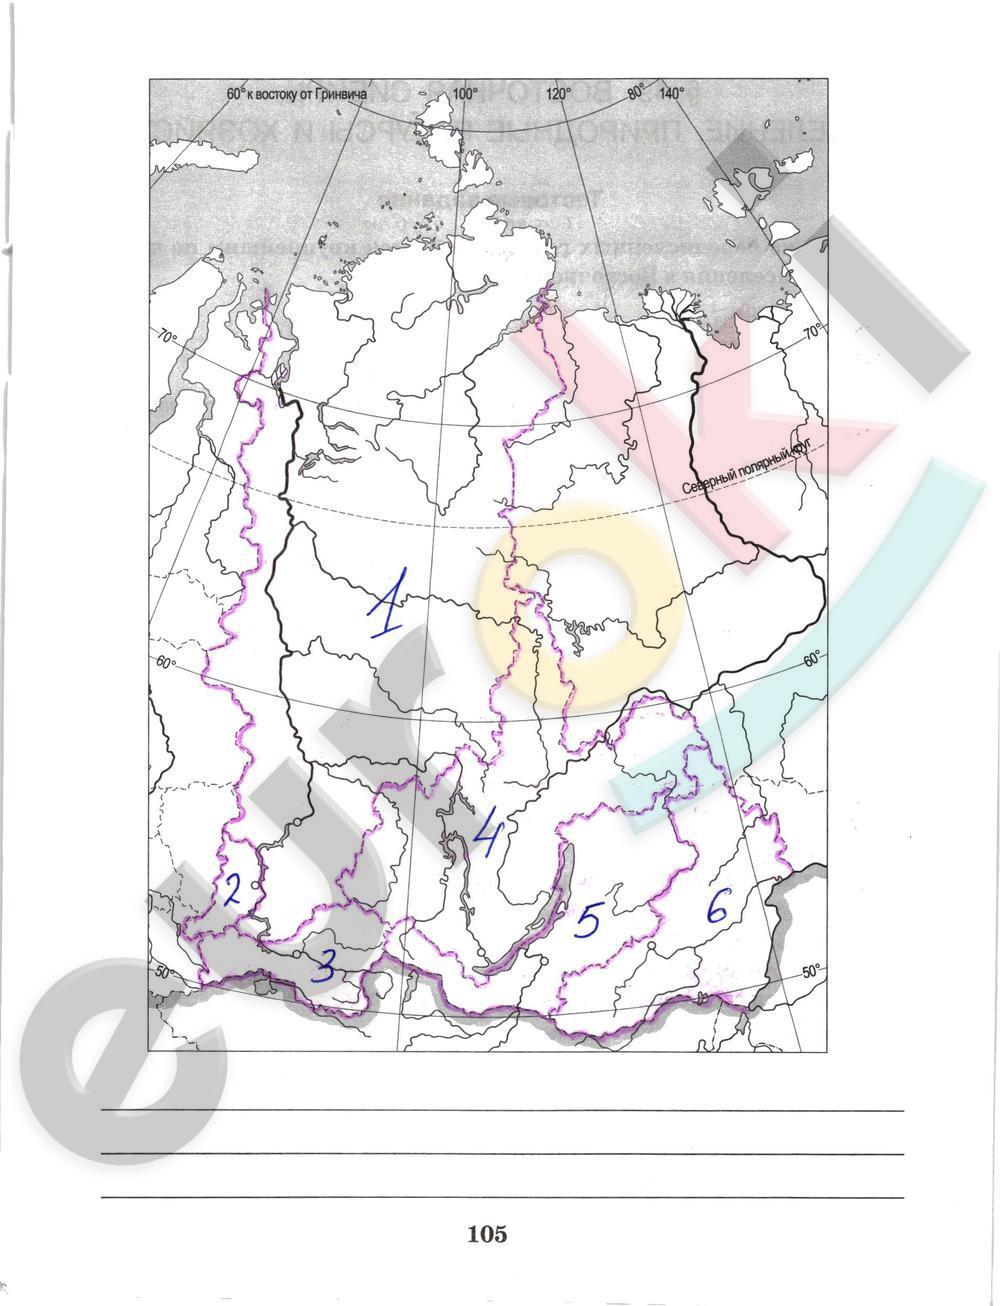 ГДЗ по географии 9 класс рабочая тетрадь Домогацких Часть 1, 2. Задание: стр. 105